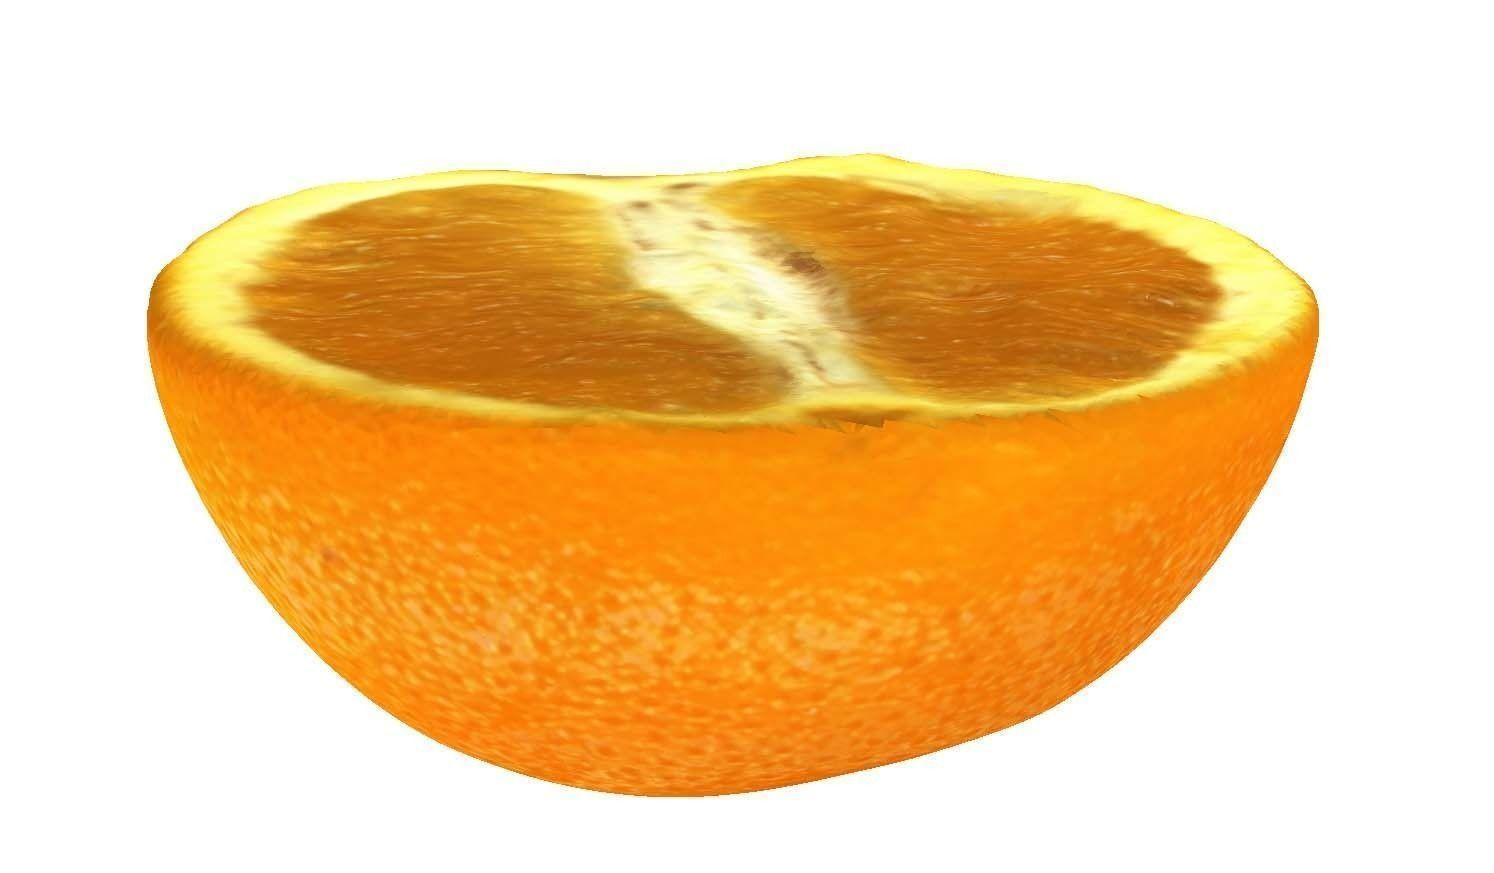 Half orange pictures